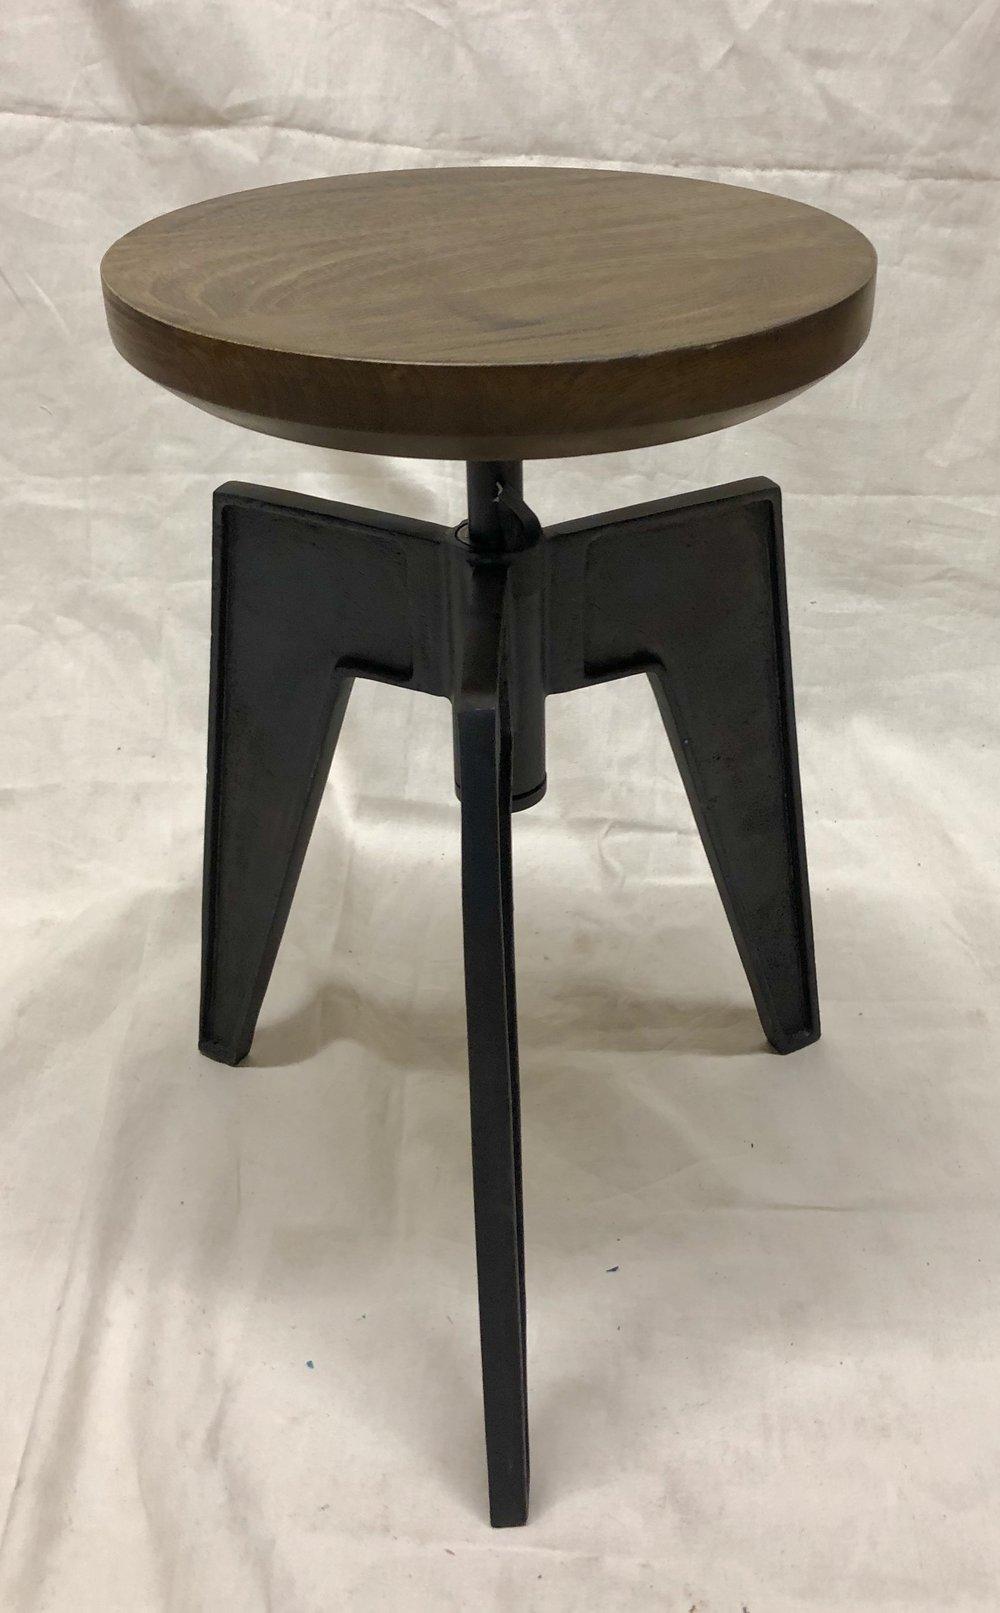 Steelwood Adjustable Stool - $35